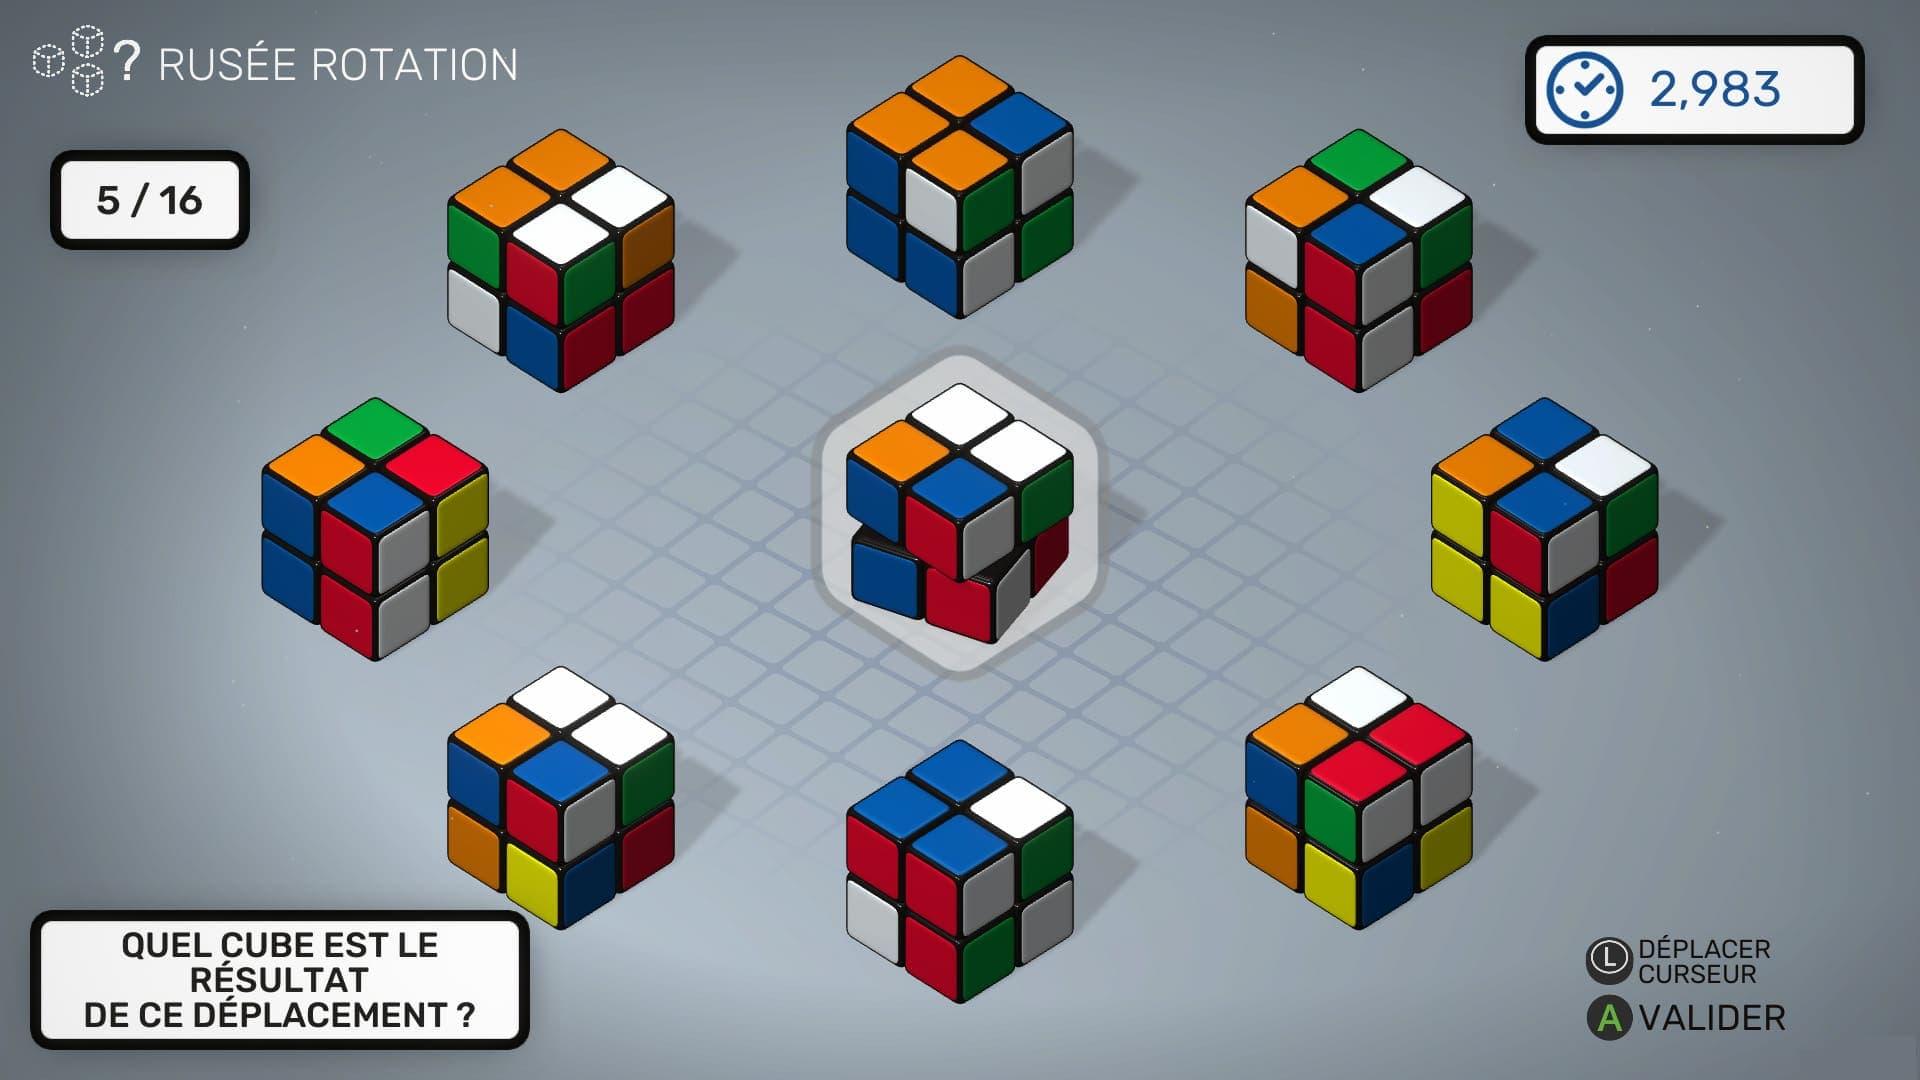 Entrainement Cérébral du Professeur Rubik Xbox One